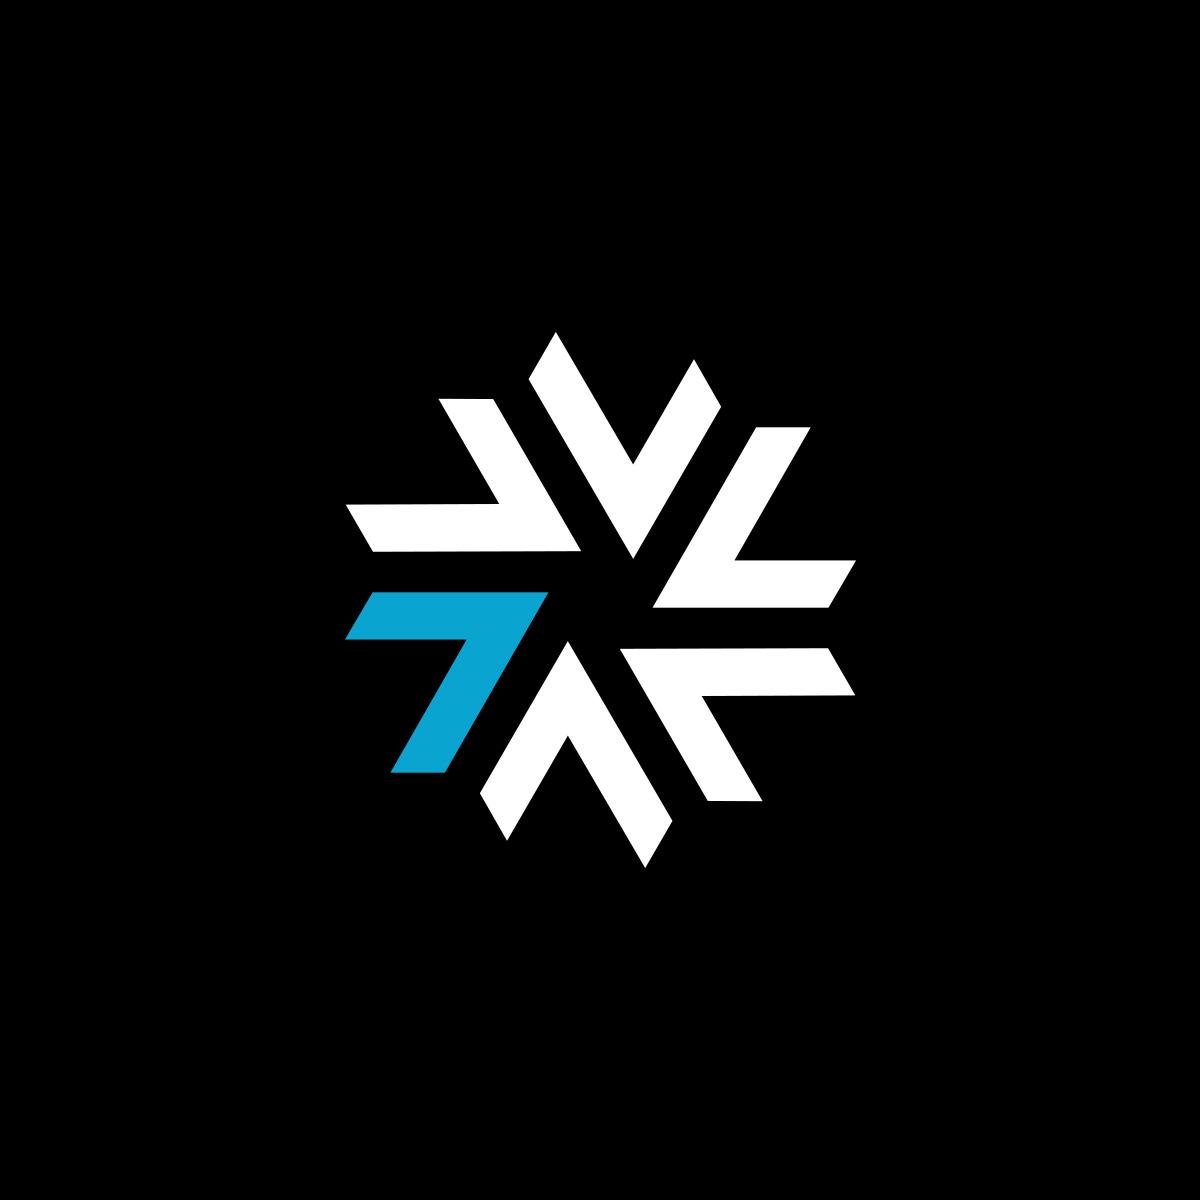 Various-Logos_7